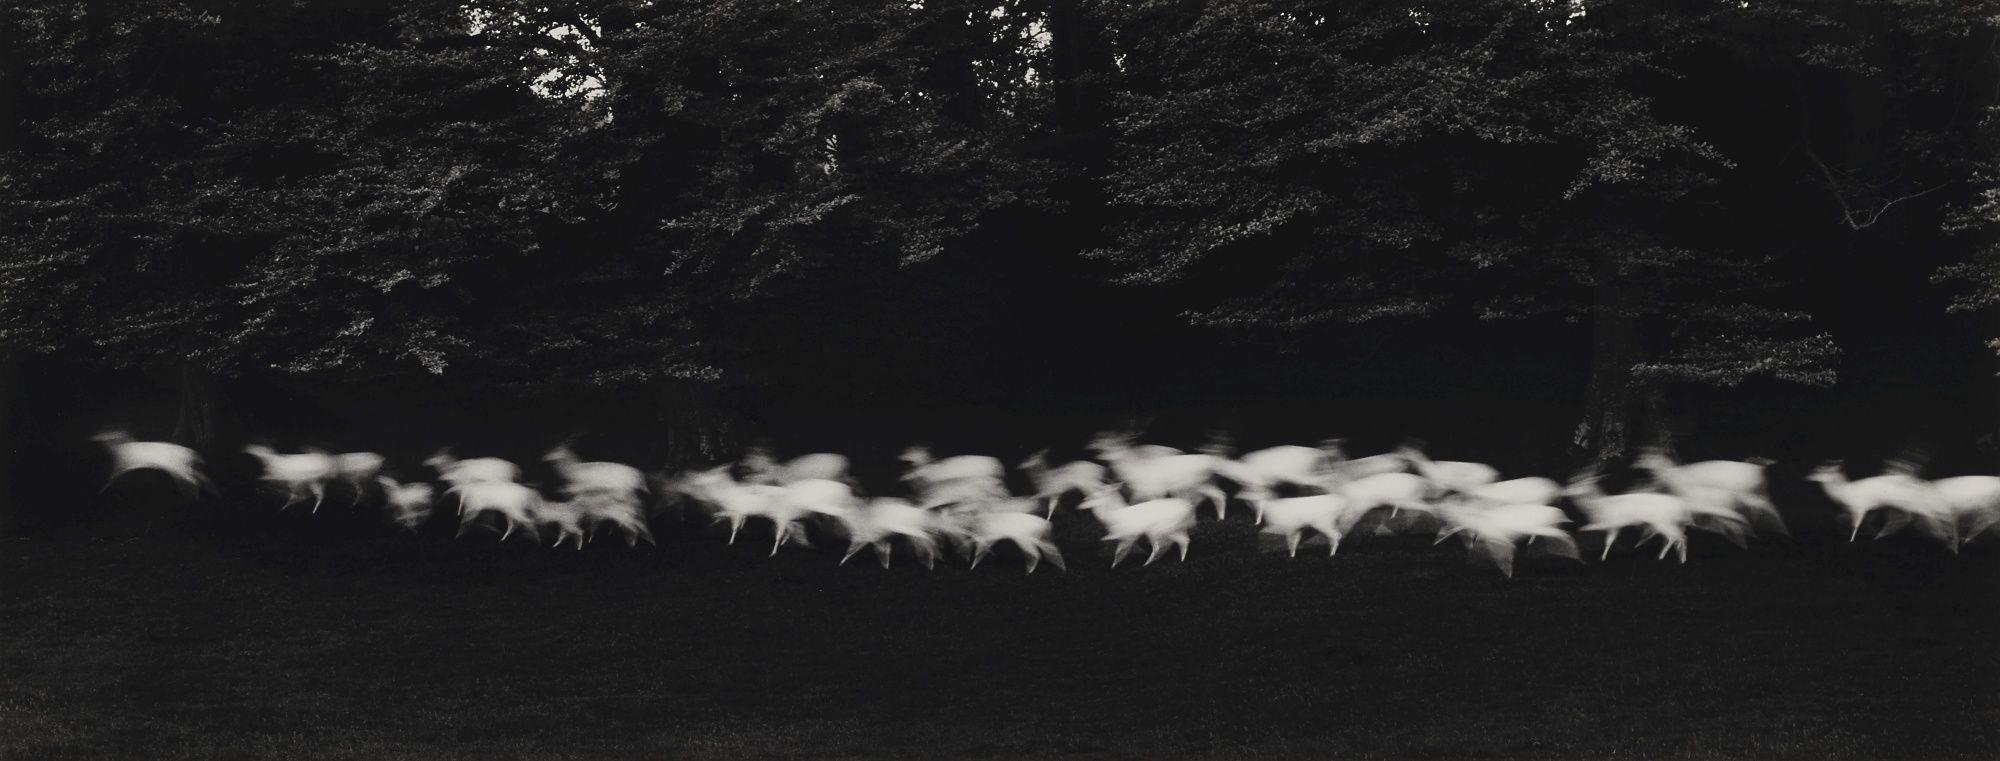 Paul Caponigro   Running White Deer, Wicklow, Ireland, 1967